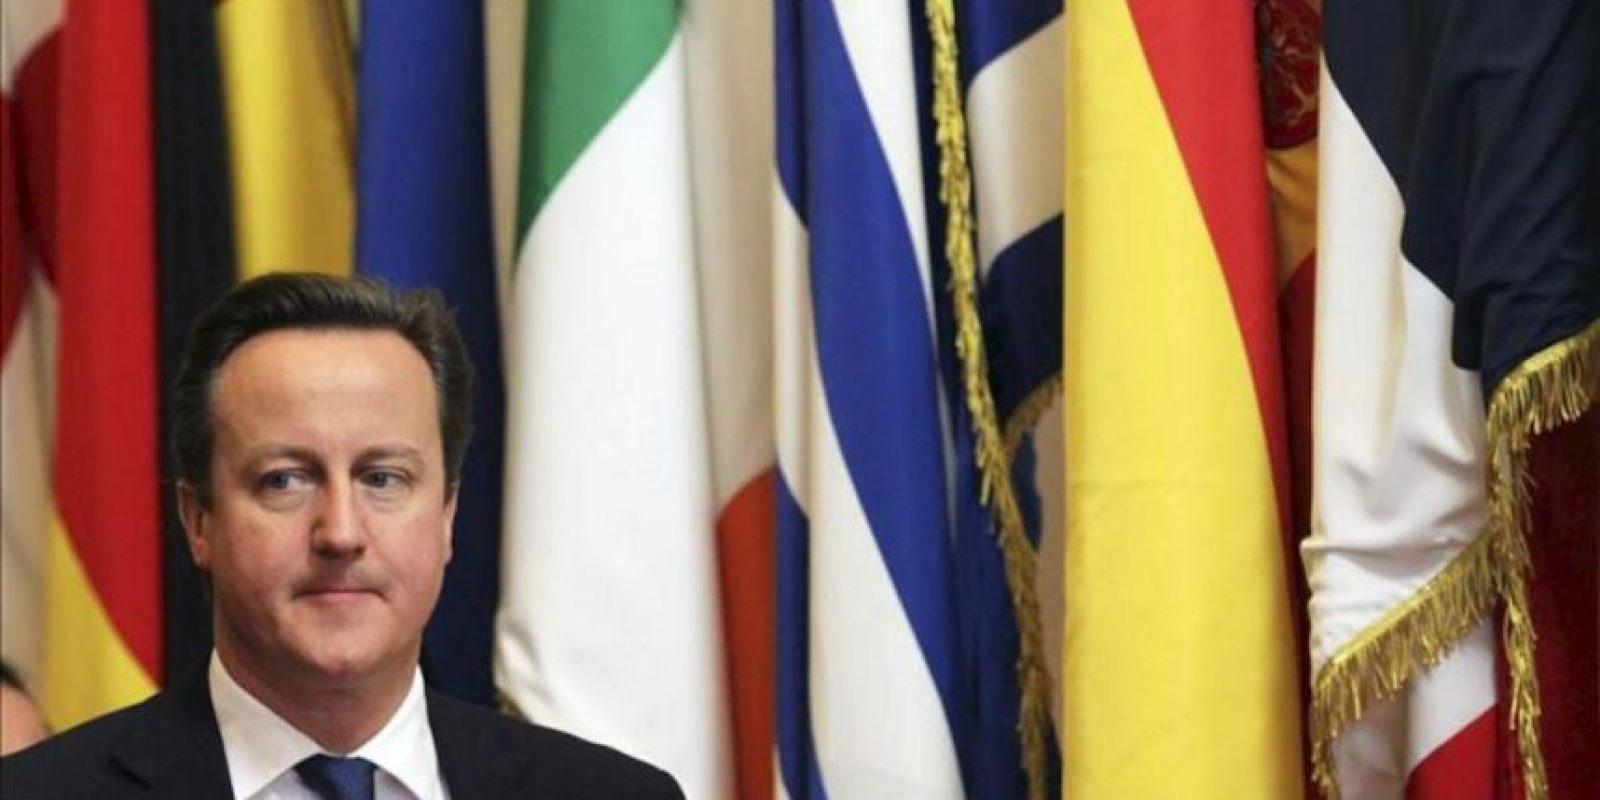 El primer ministro británico David Cameron tras su reunión con el presidente del Consejo Europeo, Herman Van Rompuy, antes del comienzo de la Cumbre Extraordinaria de la Unión Europea (UE) en Bruselas (Bélgica) hoy. EFE